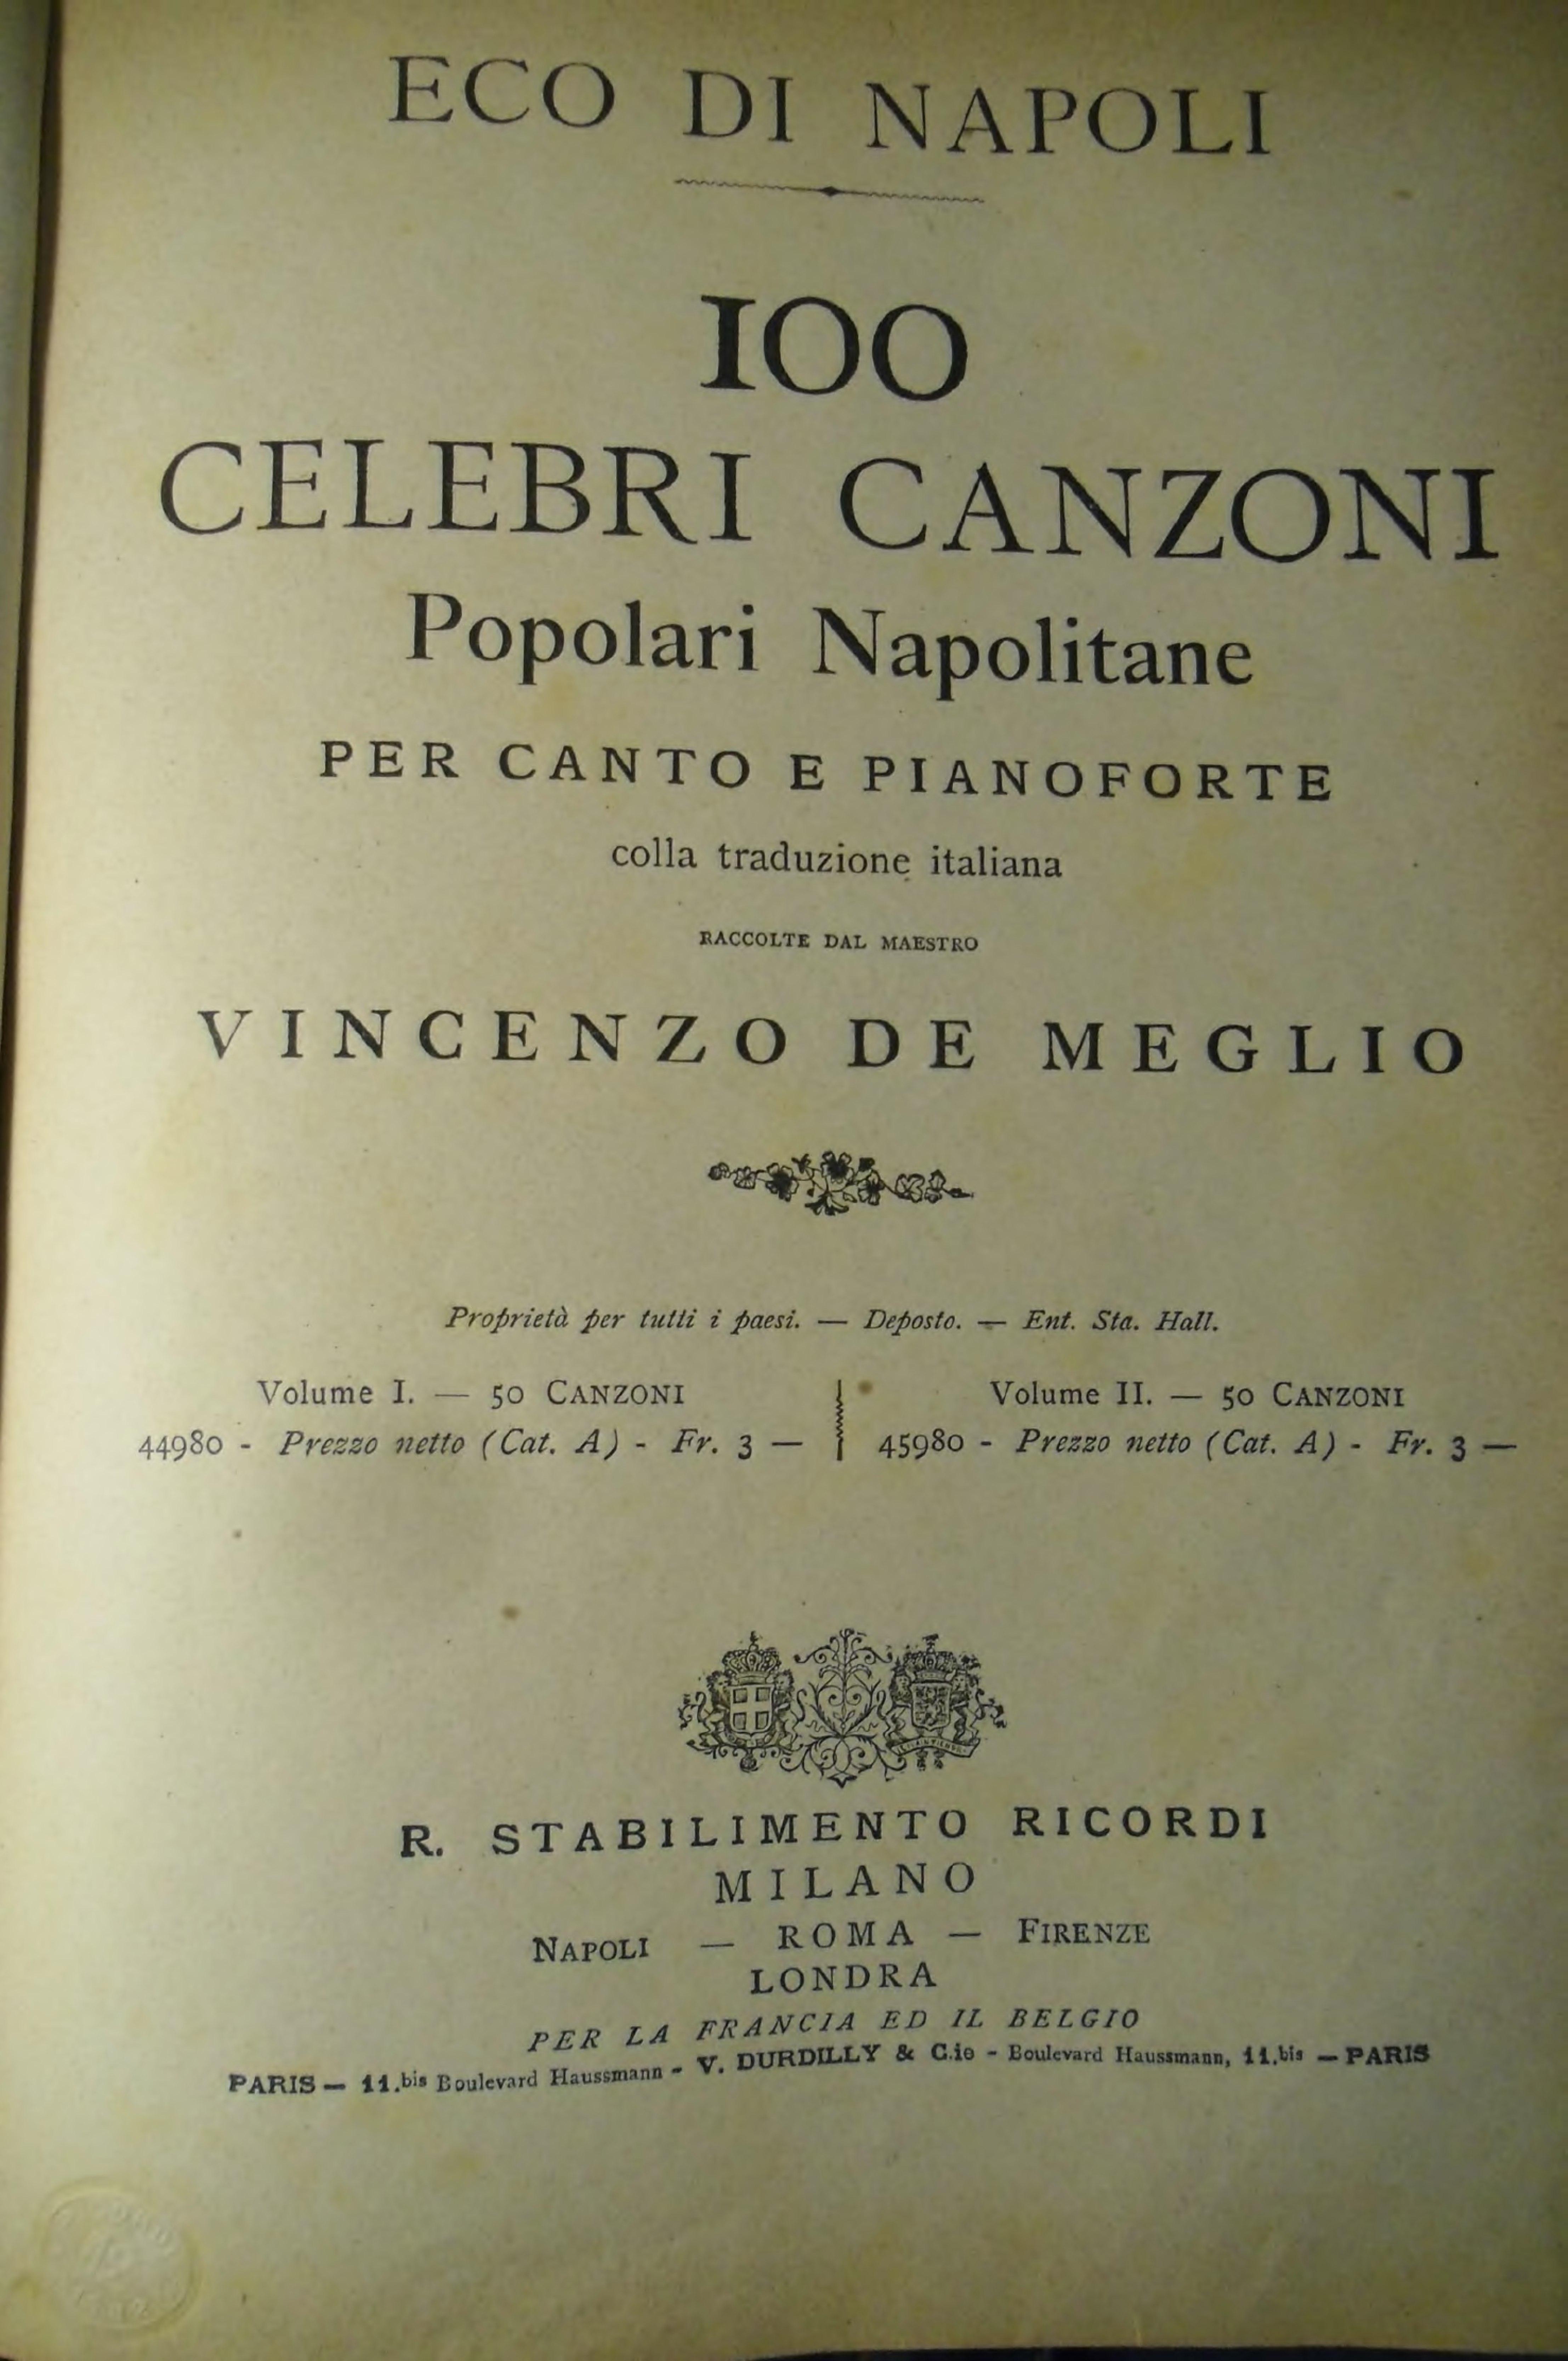 La Canzone Napoletana Vol.2 per canto e pianoforte